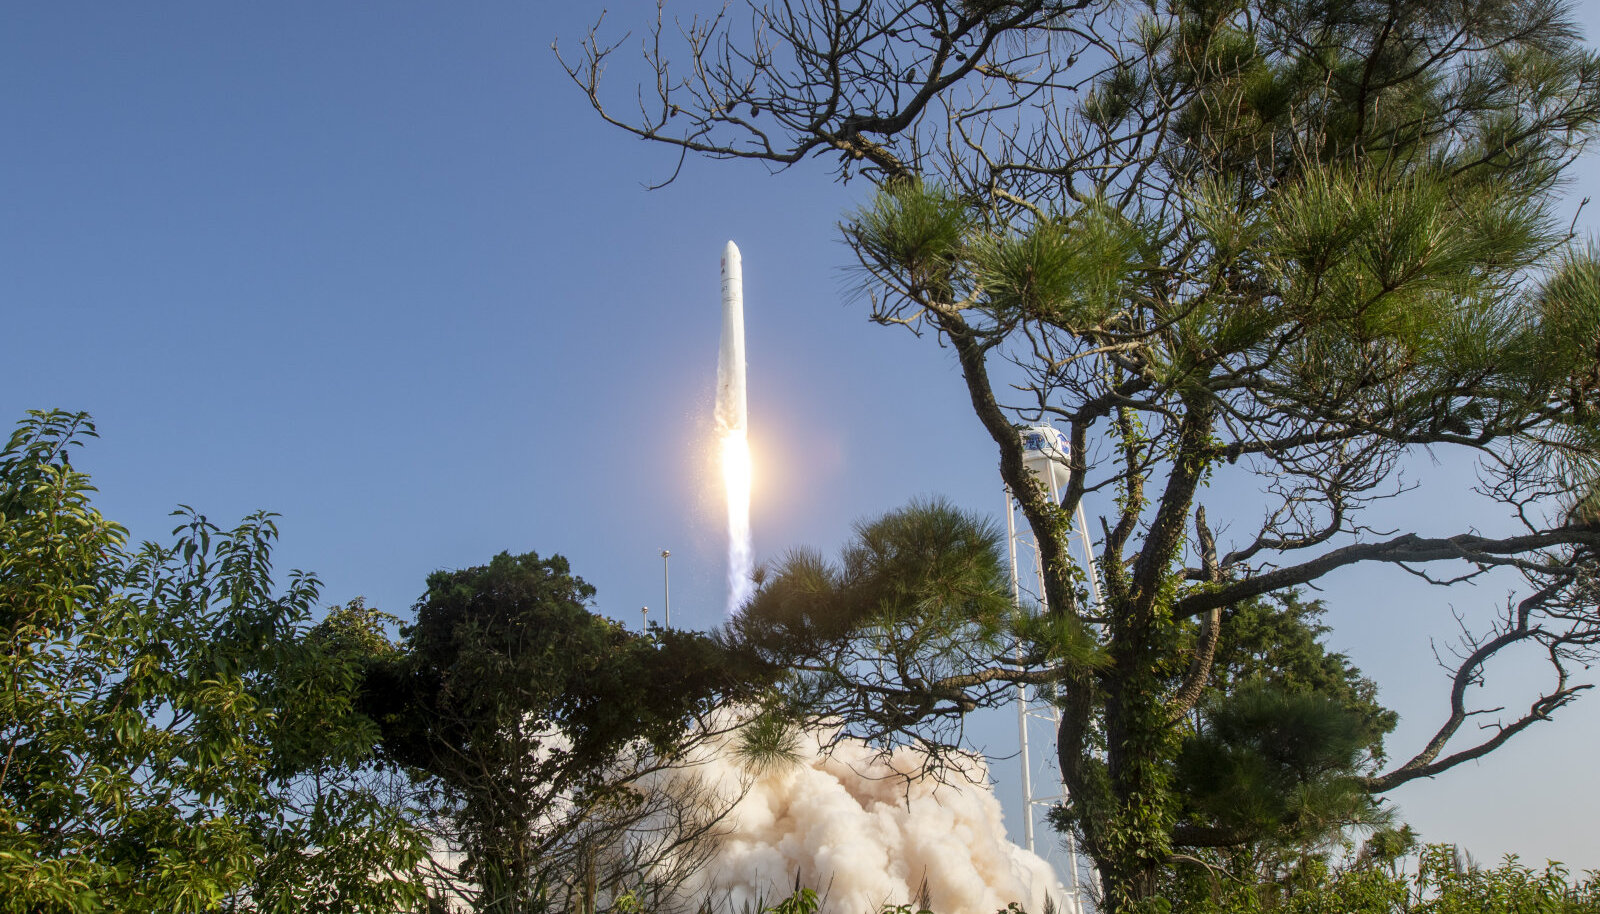 Northrop Grumman'i raketistart 11. augustil, mis aitab ISS-kosmosejaama varustada (foto: AP / Scanpix)